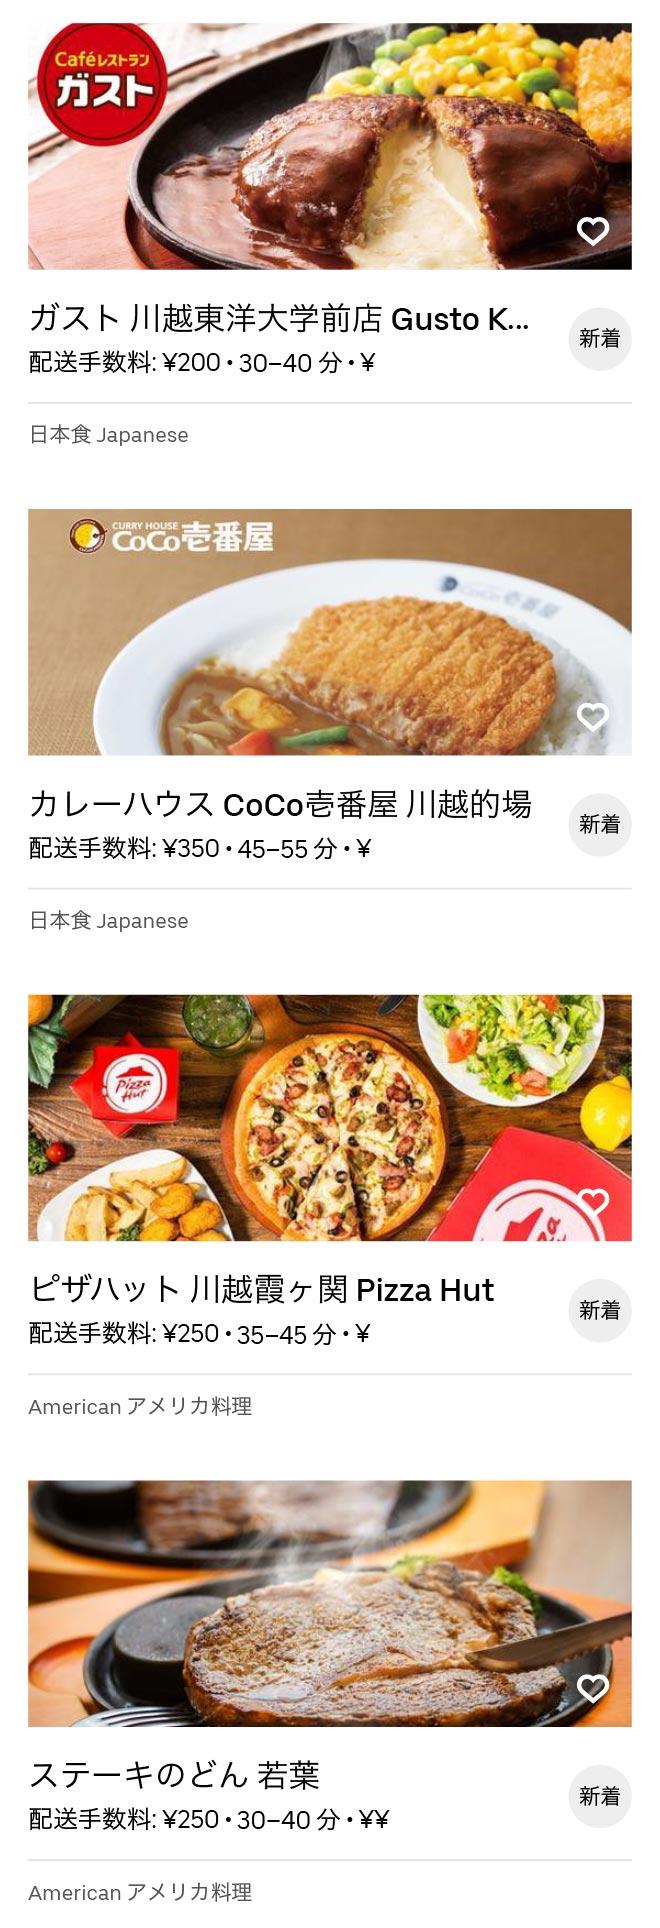 Tsurugashima menu 2010 03